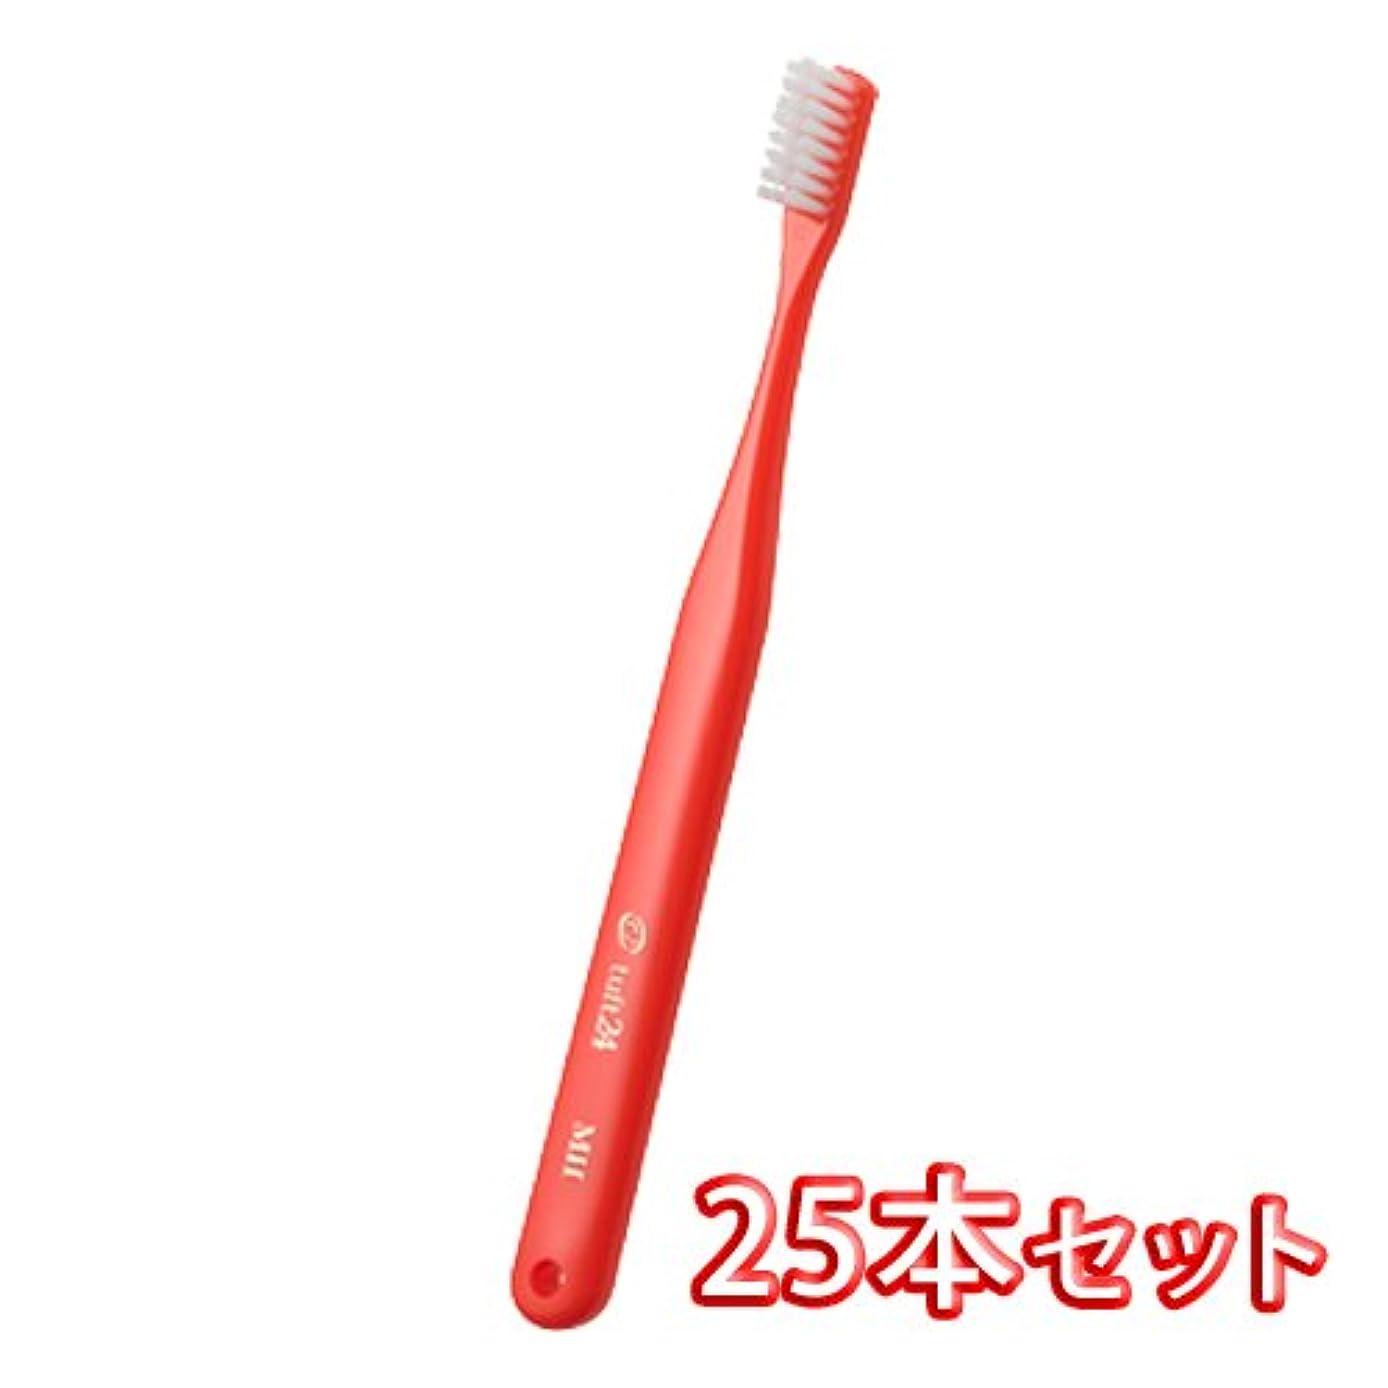 レシピ水星ナラーバーオーラルケア キャップ付き タフト 24 歯ブラシ 25本入 ミディアムハード MH (レッド)